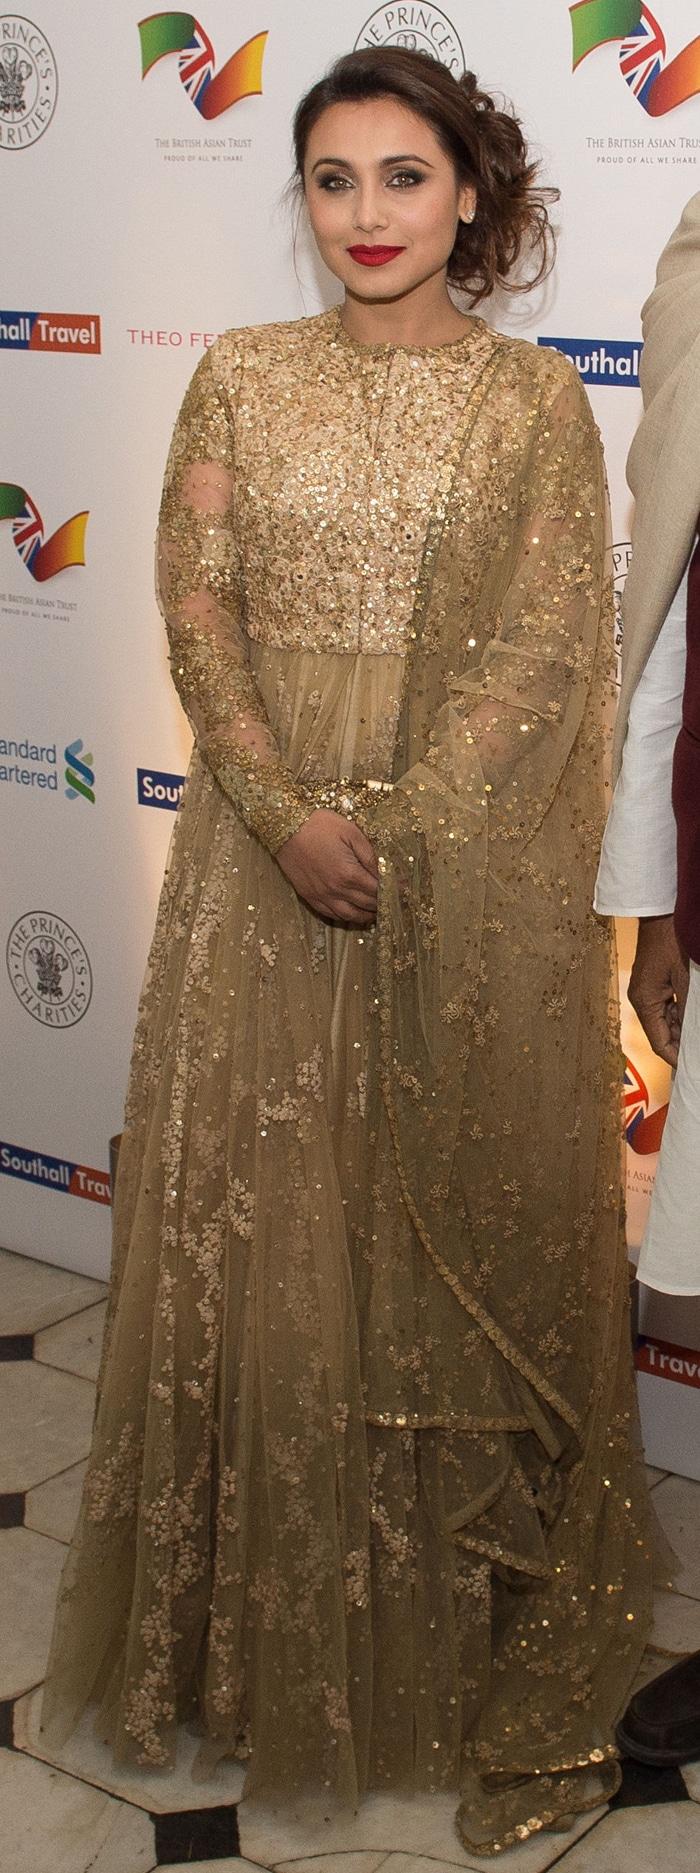 When Rani Mukerji Met Prince Charles